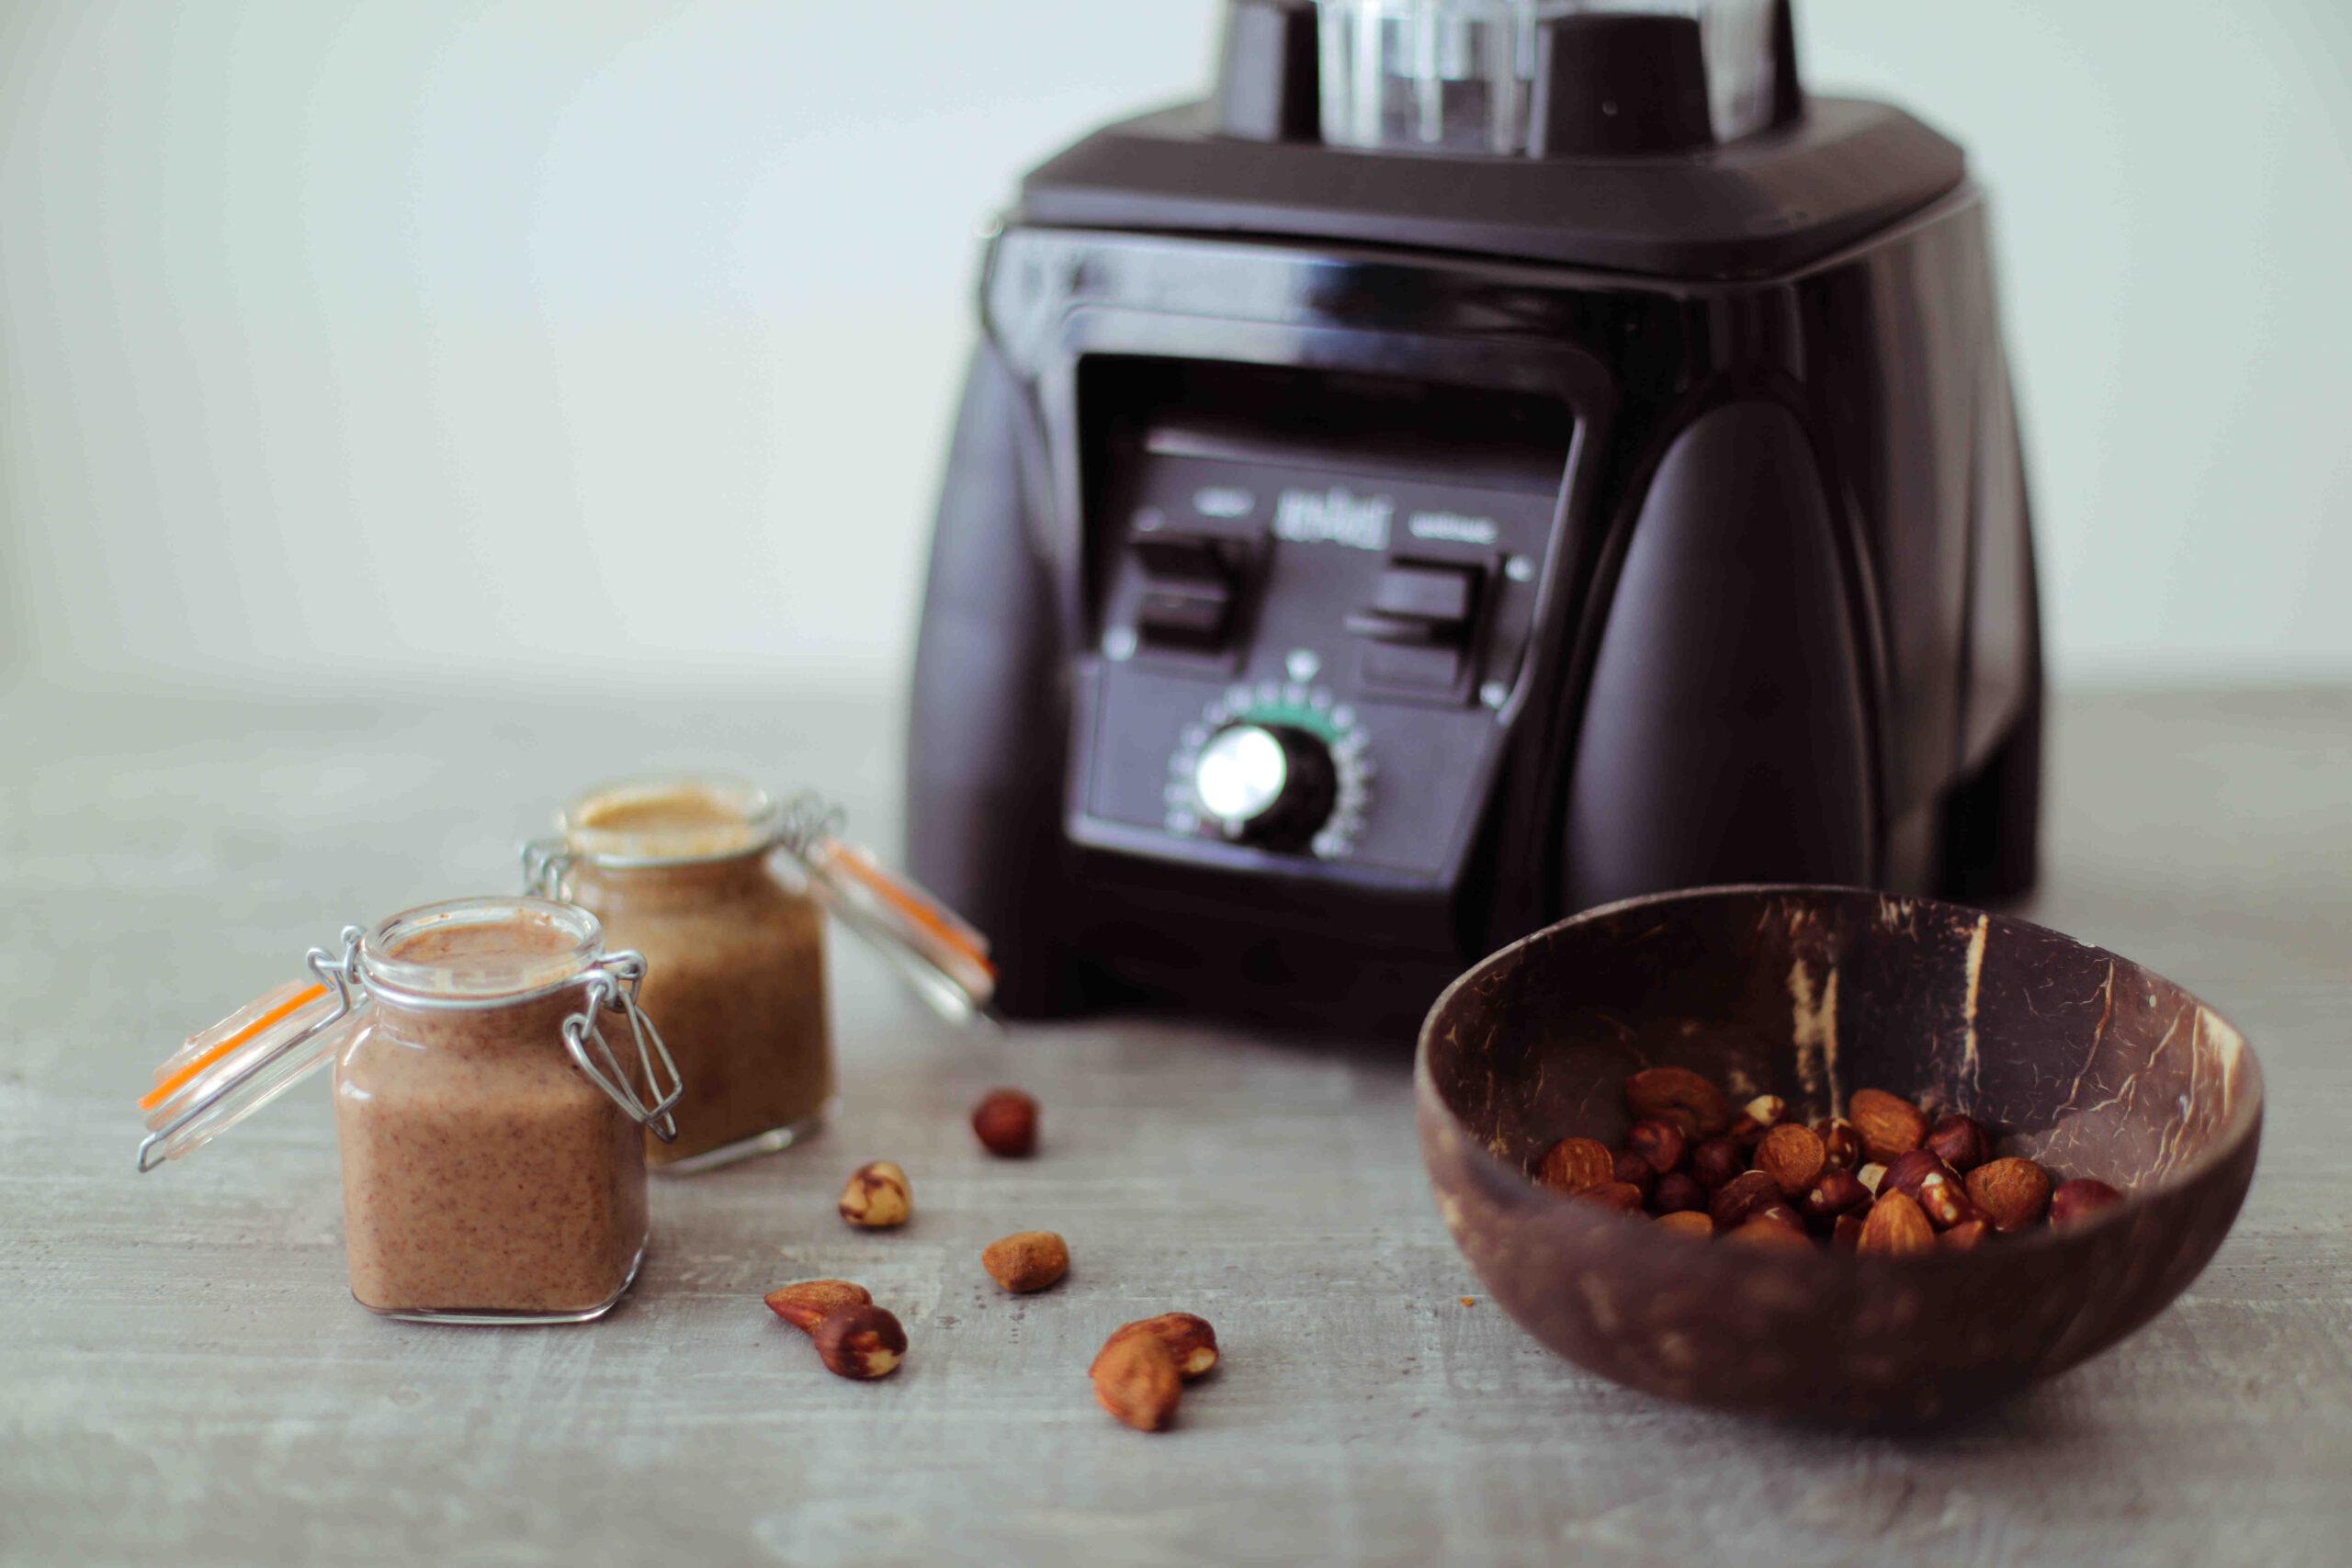 Comment faire de la purée de pommes de terre?